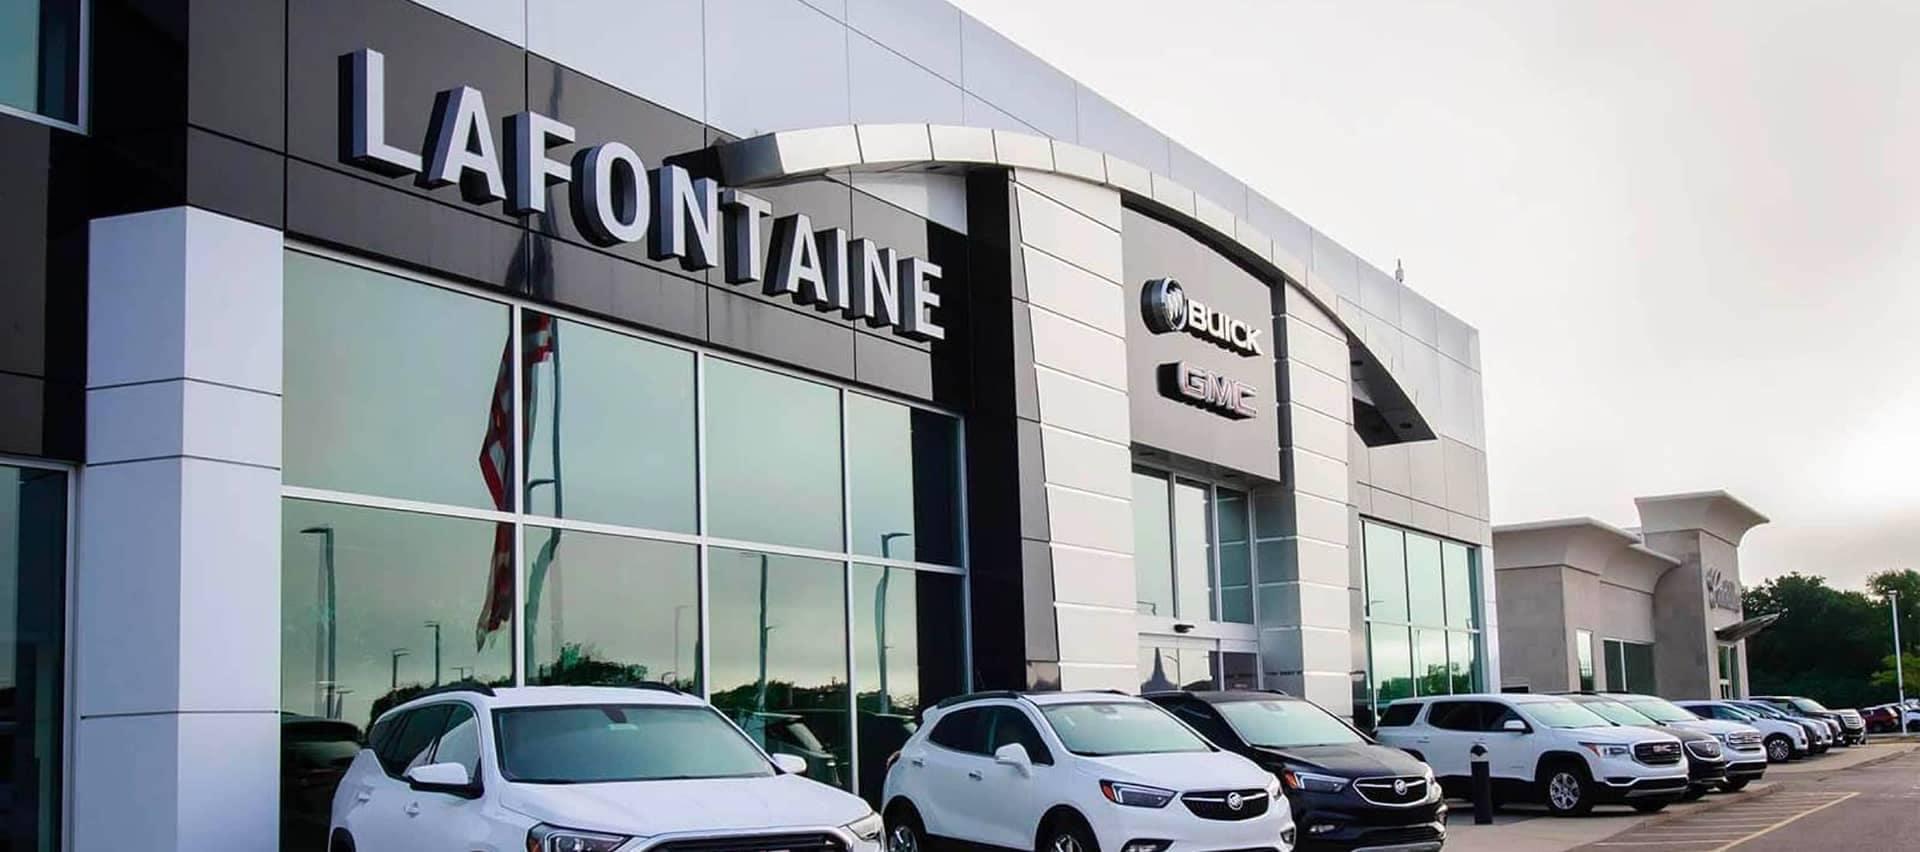 LaFontaine Automotive Group Dealership Exterior